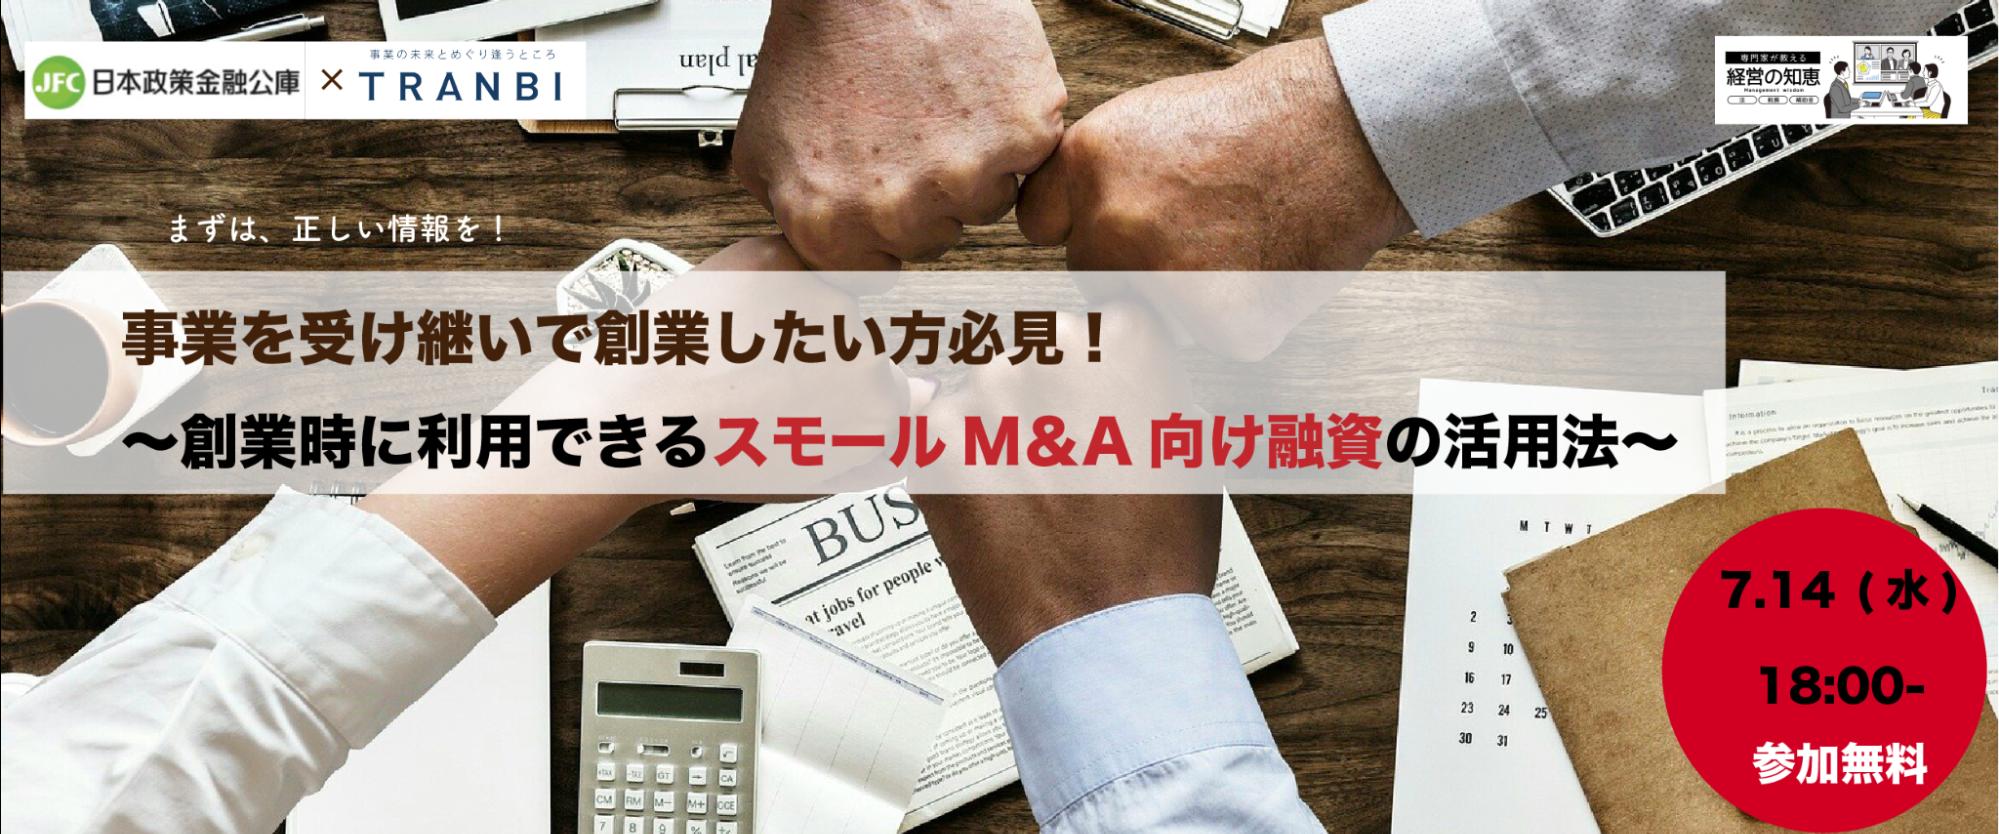 スモールM&A向け融資活用法